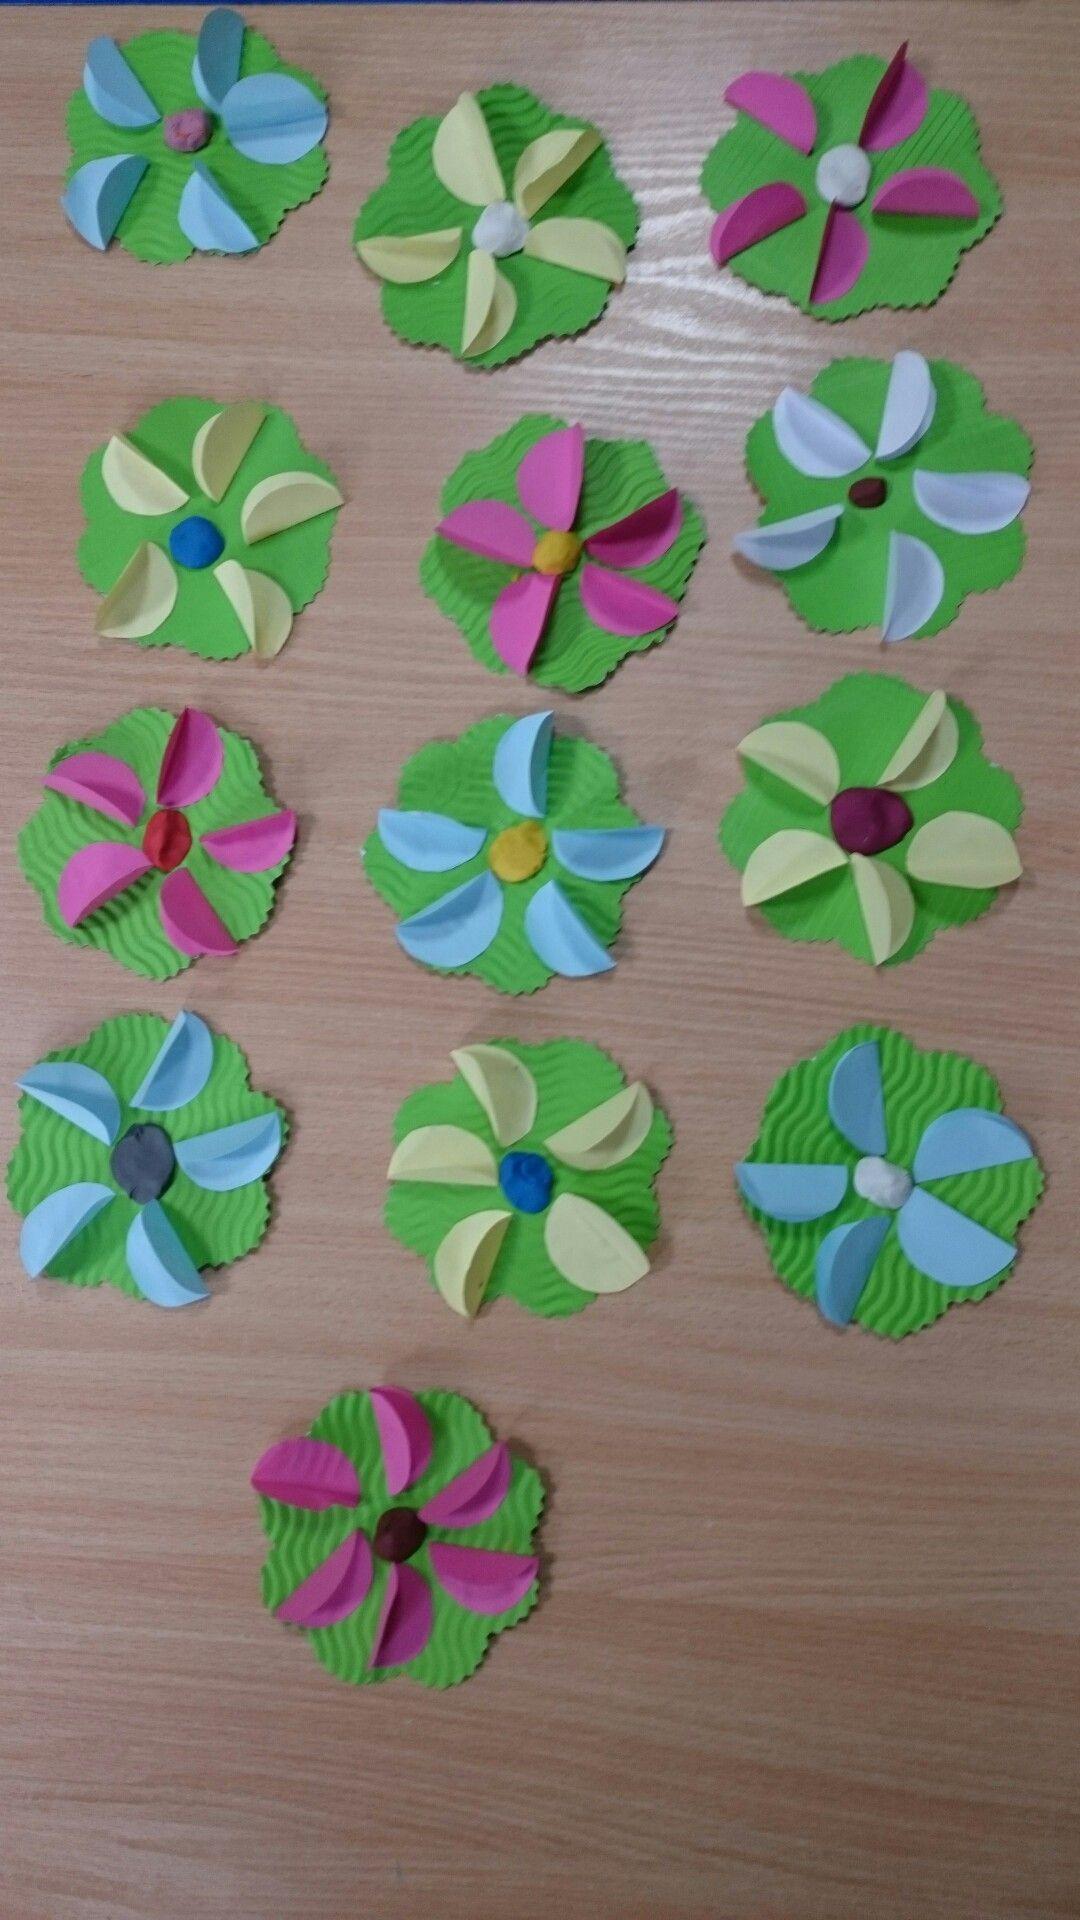 Kwiaty Art Activities For Kids Flowers Art Activities For Kids Art Activities Flower Child